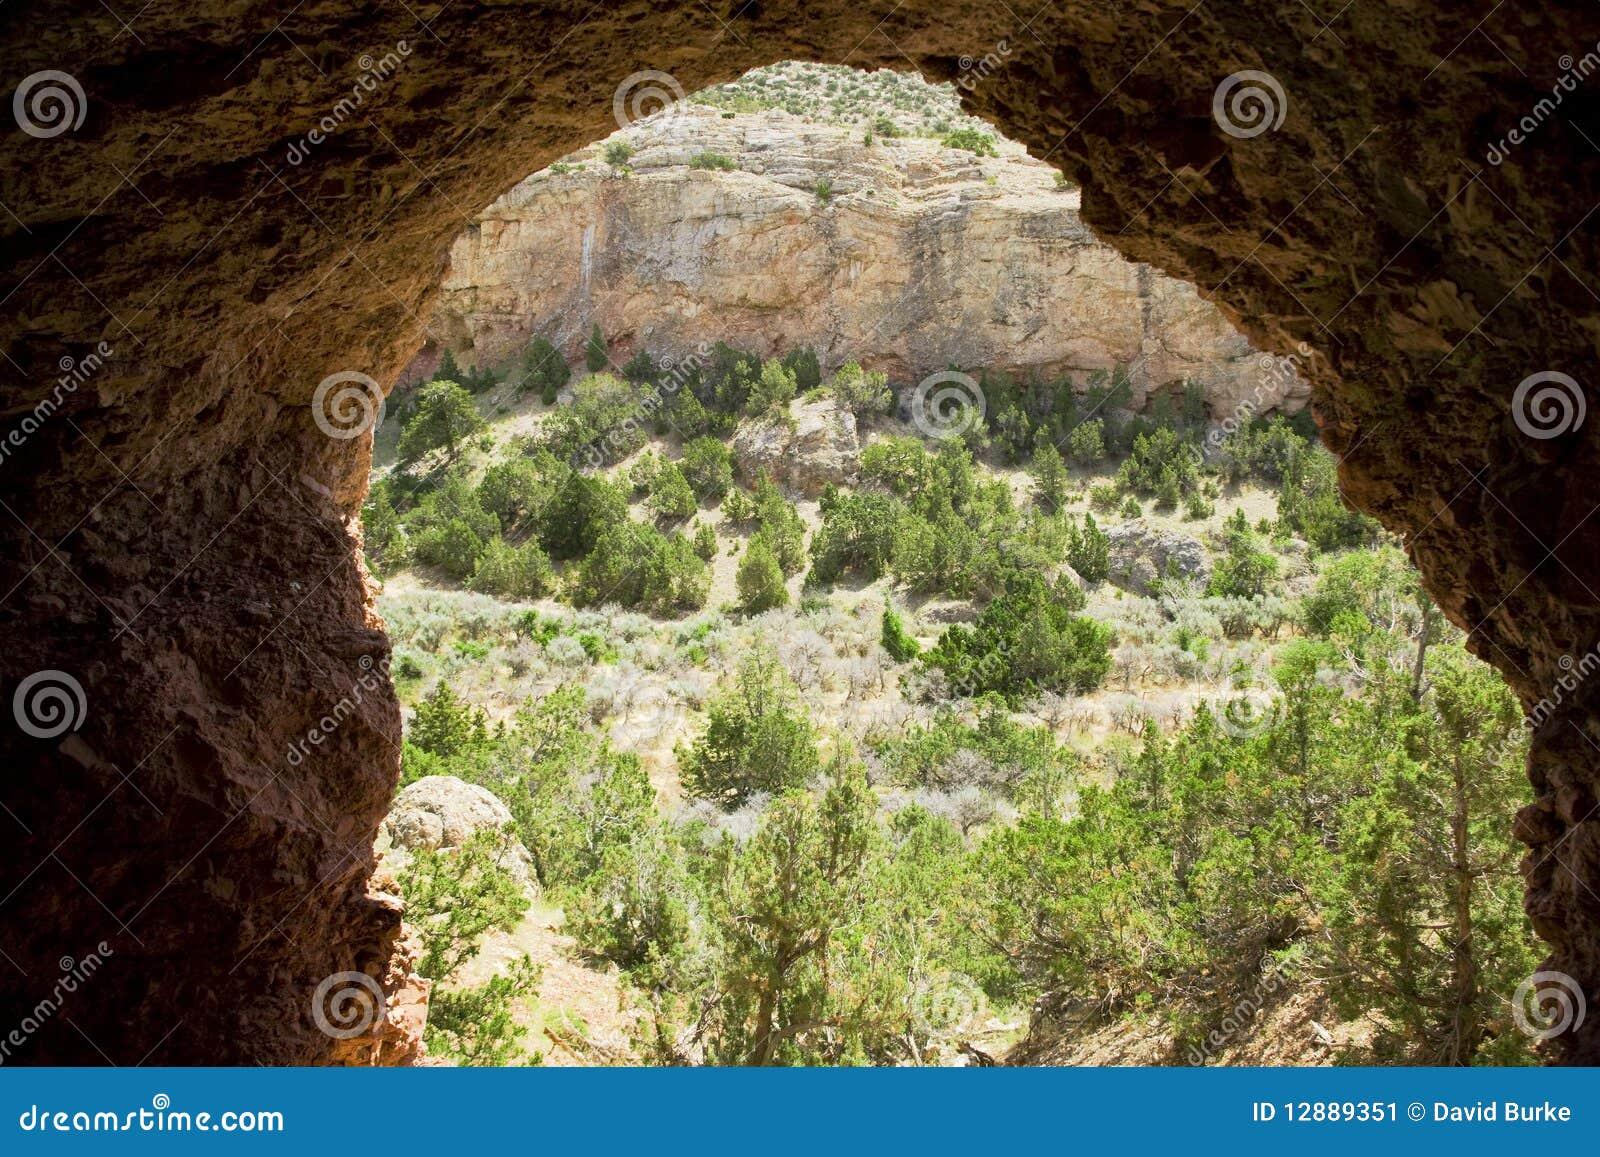 De ingang die van het hol uit eruit ziet stock afbeelding afbeelding 12889351 - Ingang van het hedendaagse huis ...